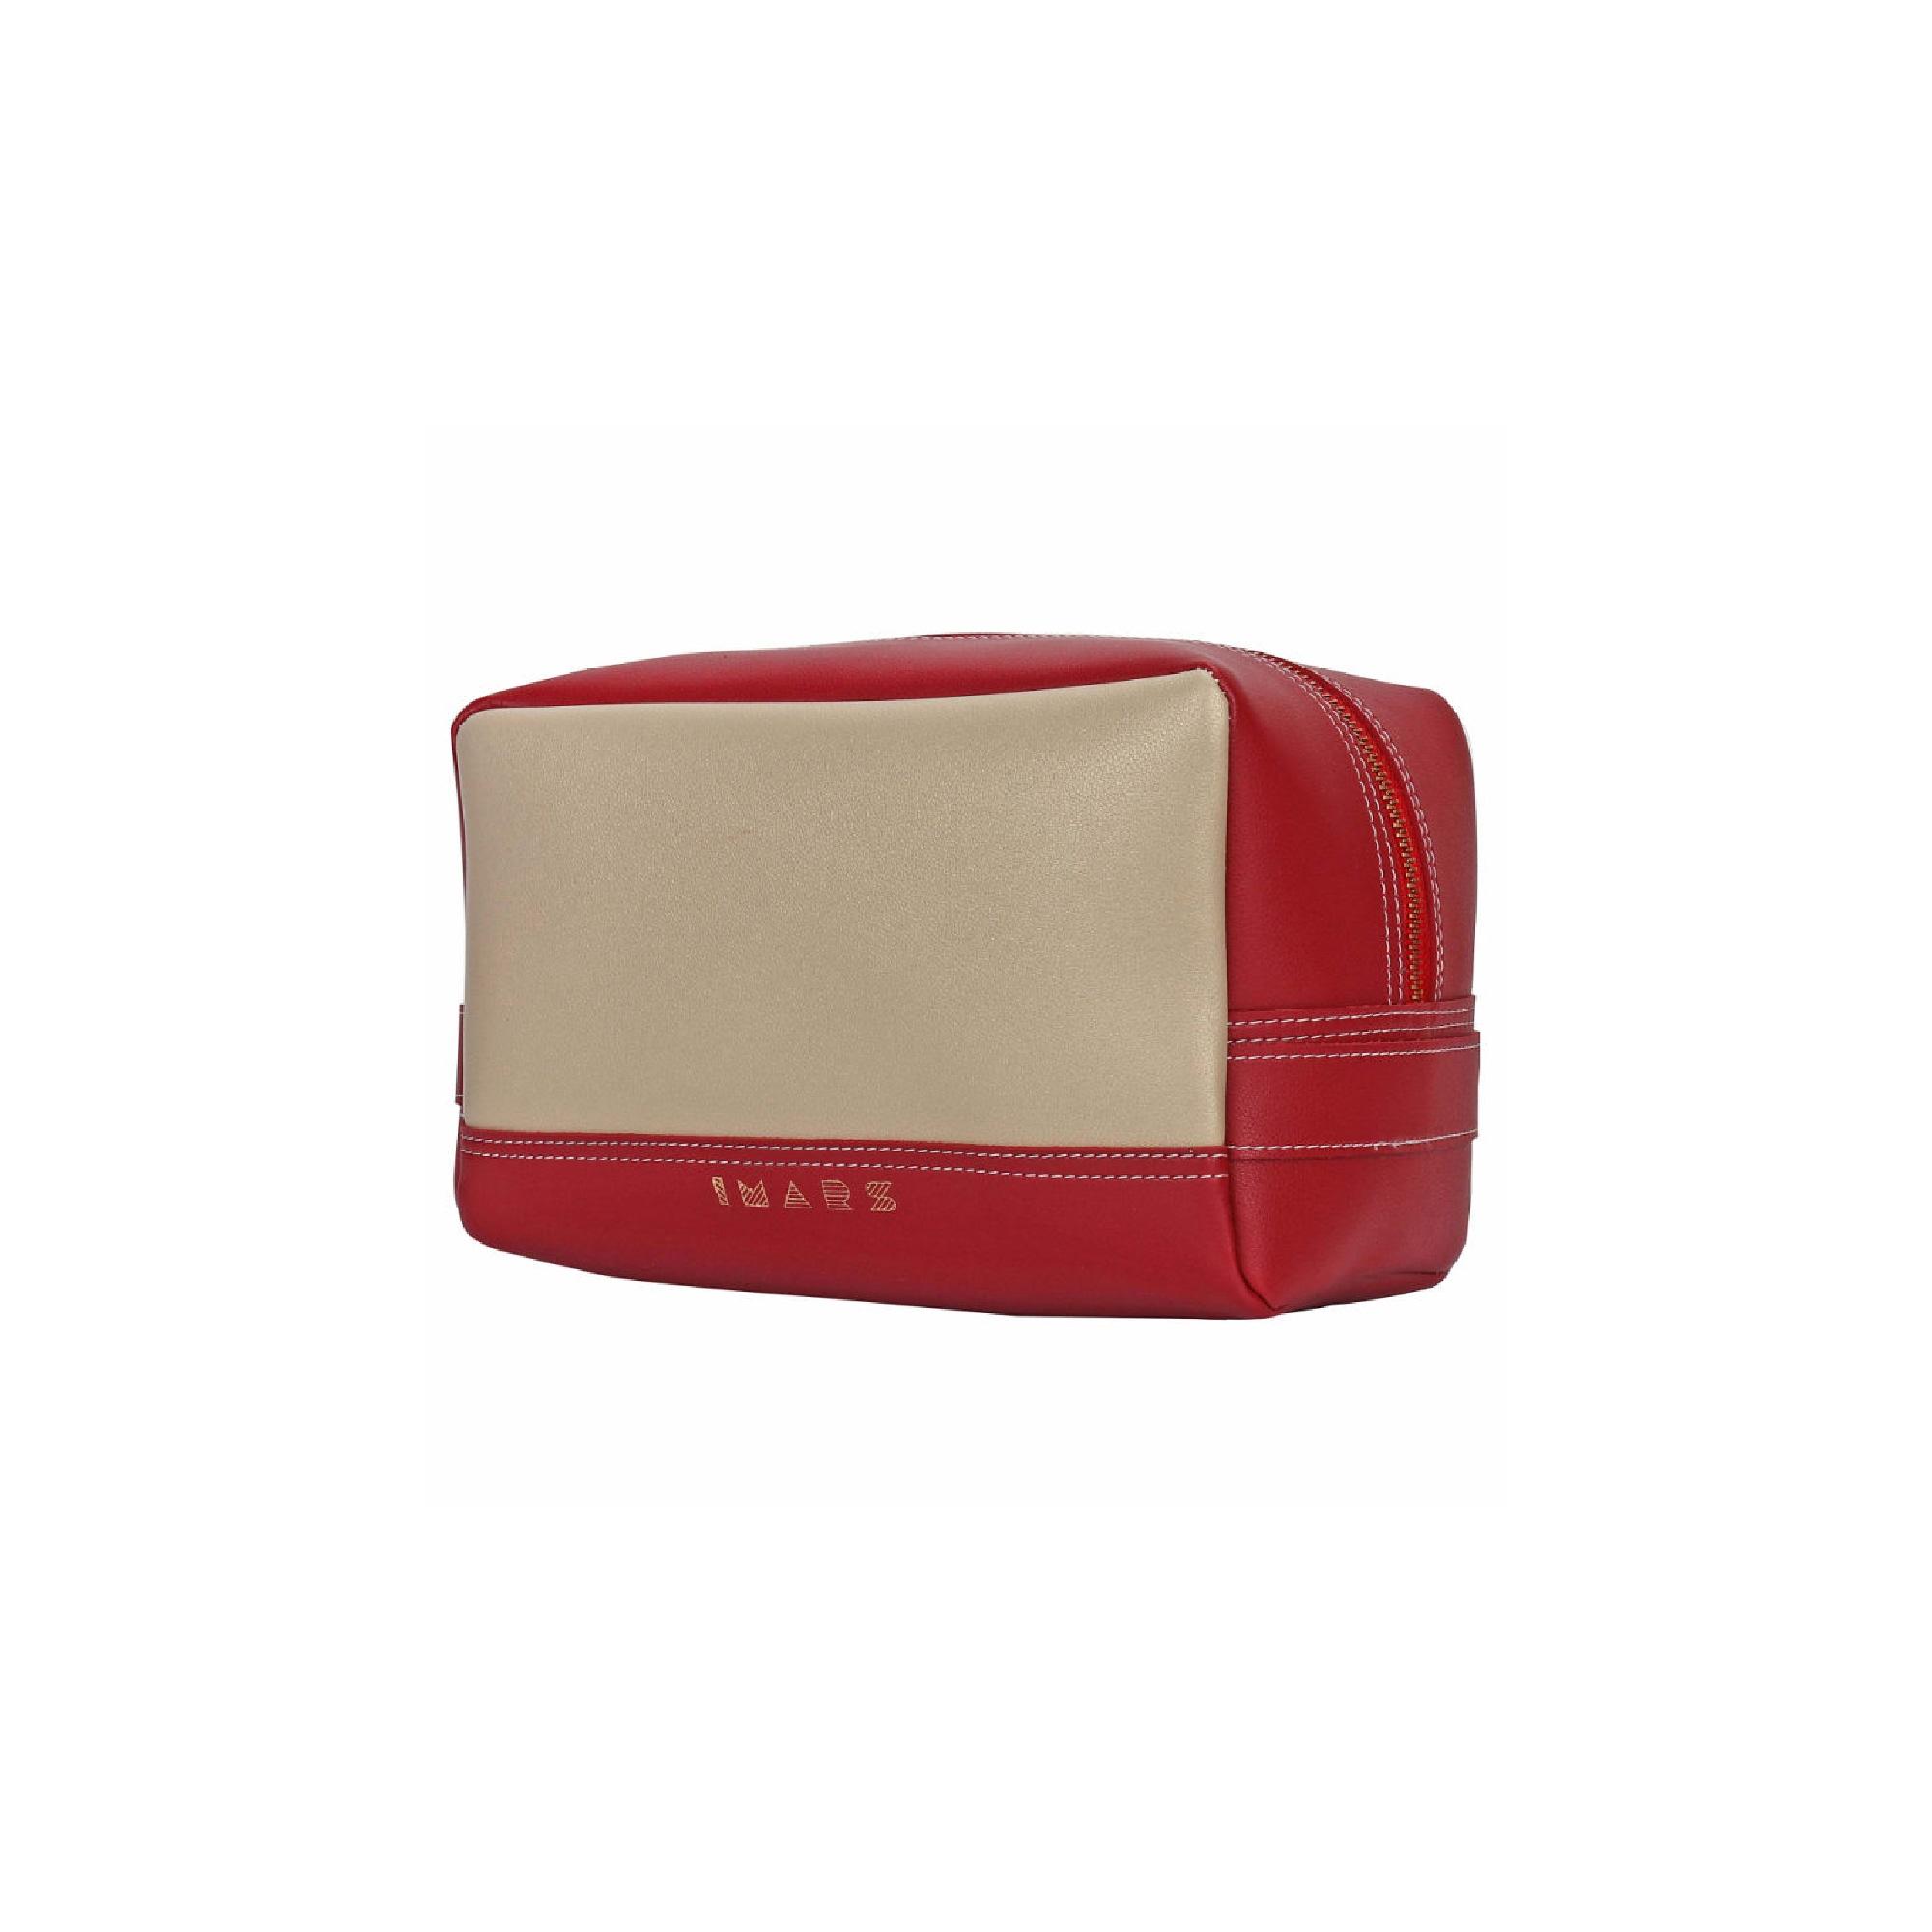 IMARS TRAVEL KIT (COMBO) FOR WOMEN JET-SET-TRAVEL KITS(SET OF 3) (RED)